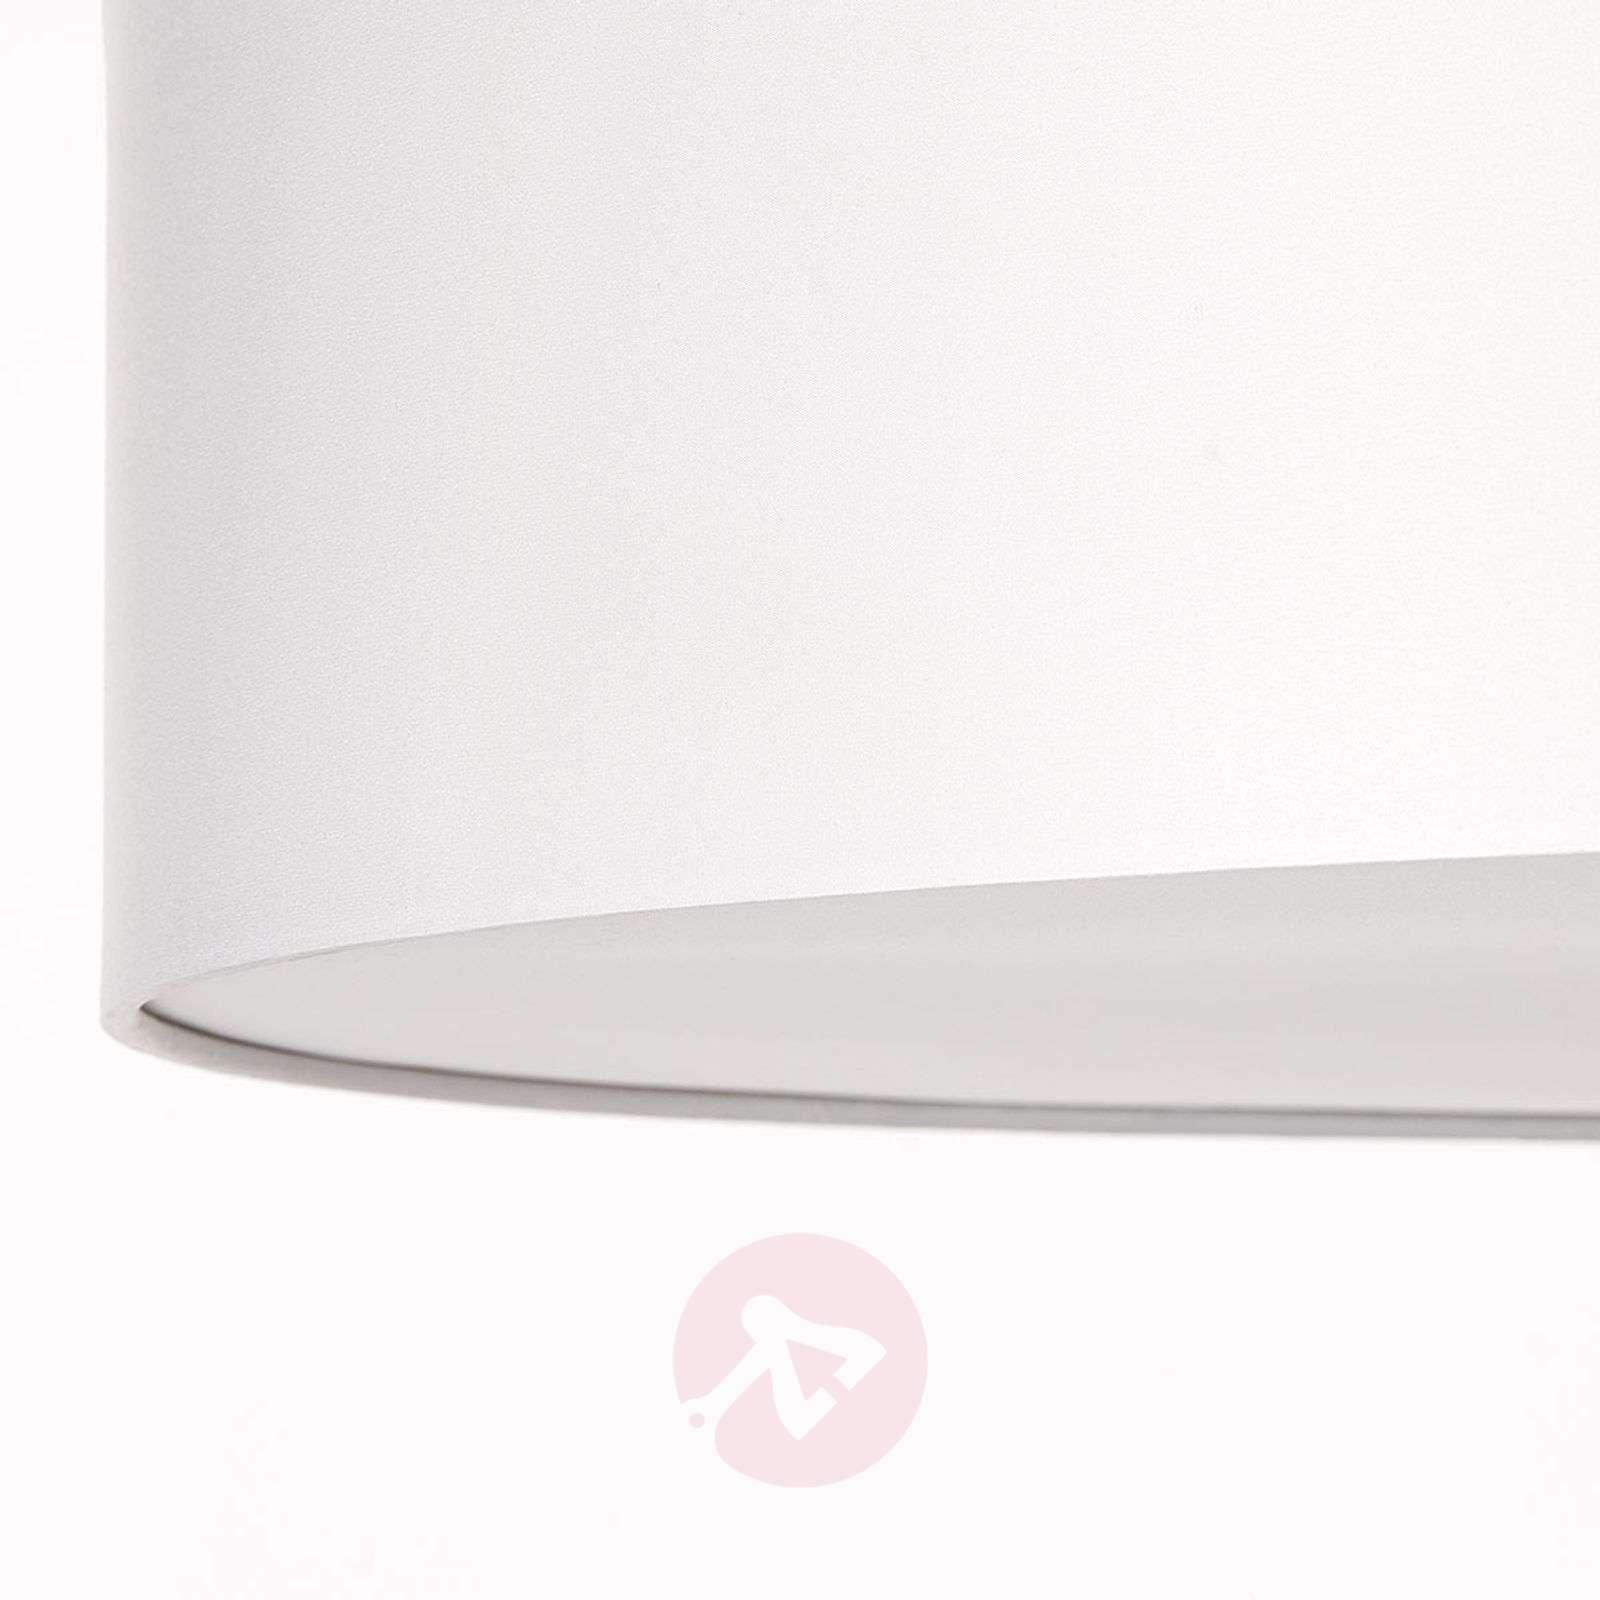 Tyylikäs Andria-kattovalaisin kangasvarjostimella-1509404X-01